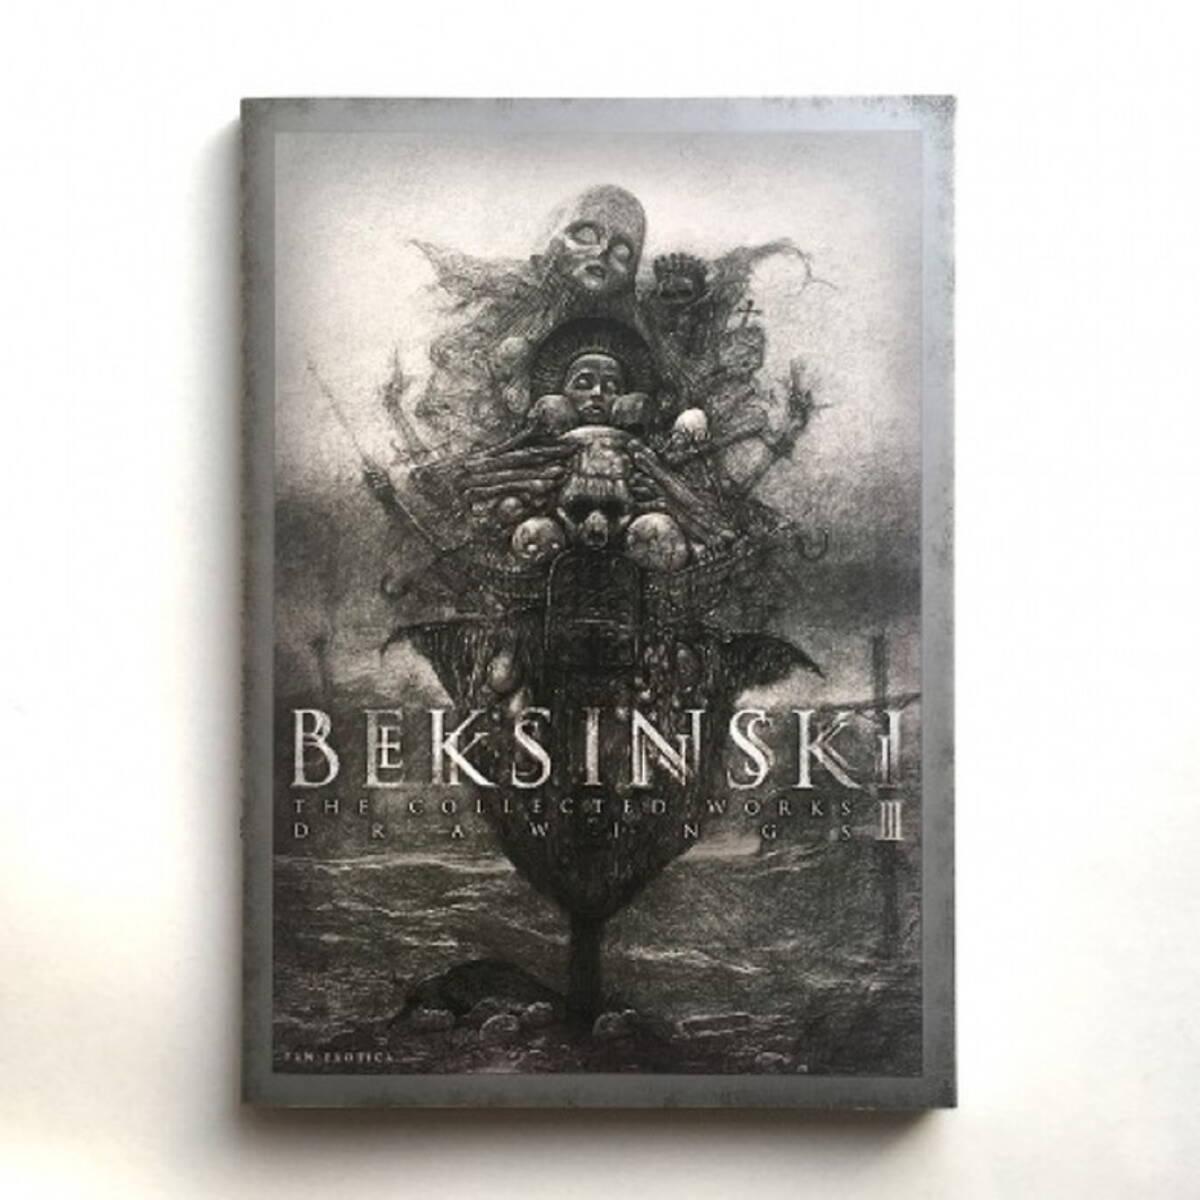 3回見たら死ぬ絵 のベクシンスキー画集が販売開始 2017年5月22日